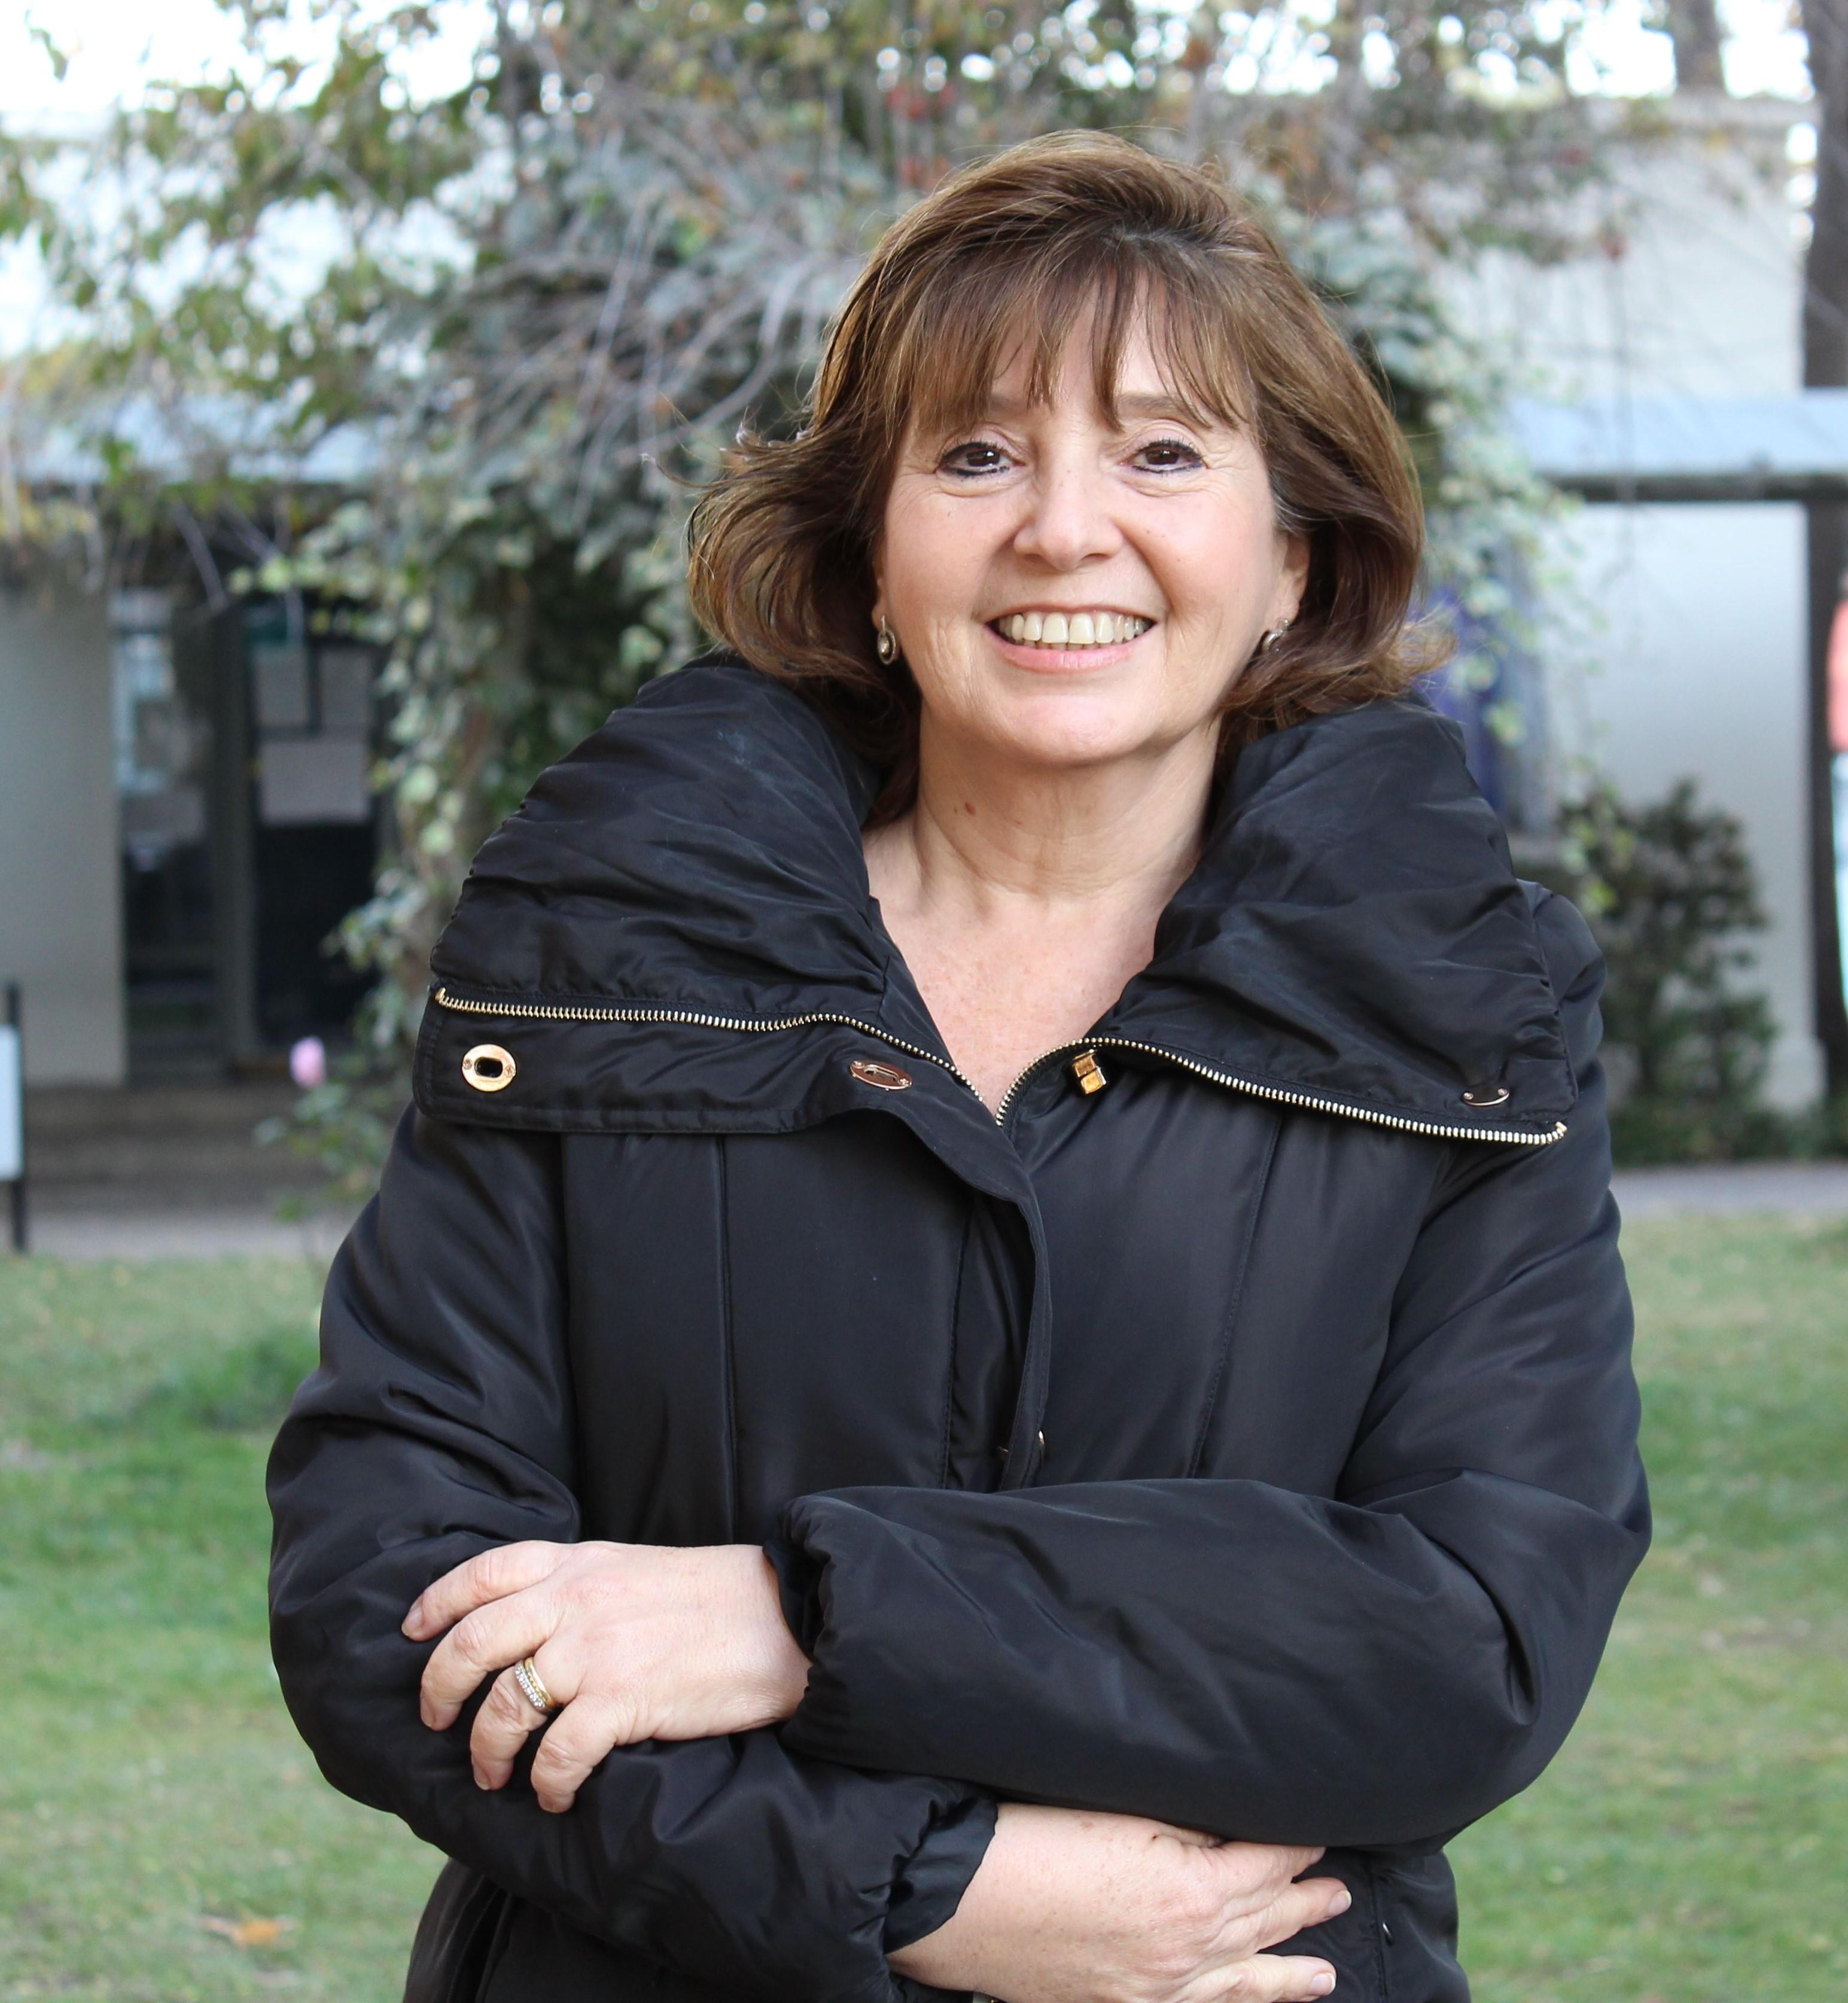 Dora Altbir, Física de la Universidad de Santiago de Chile y Directora del Centro para el Desarrollo de la Nanociencia y la Nanotecnología Cedenna